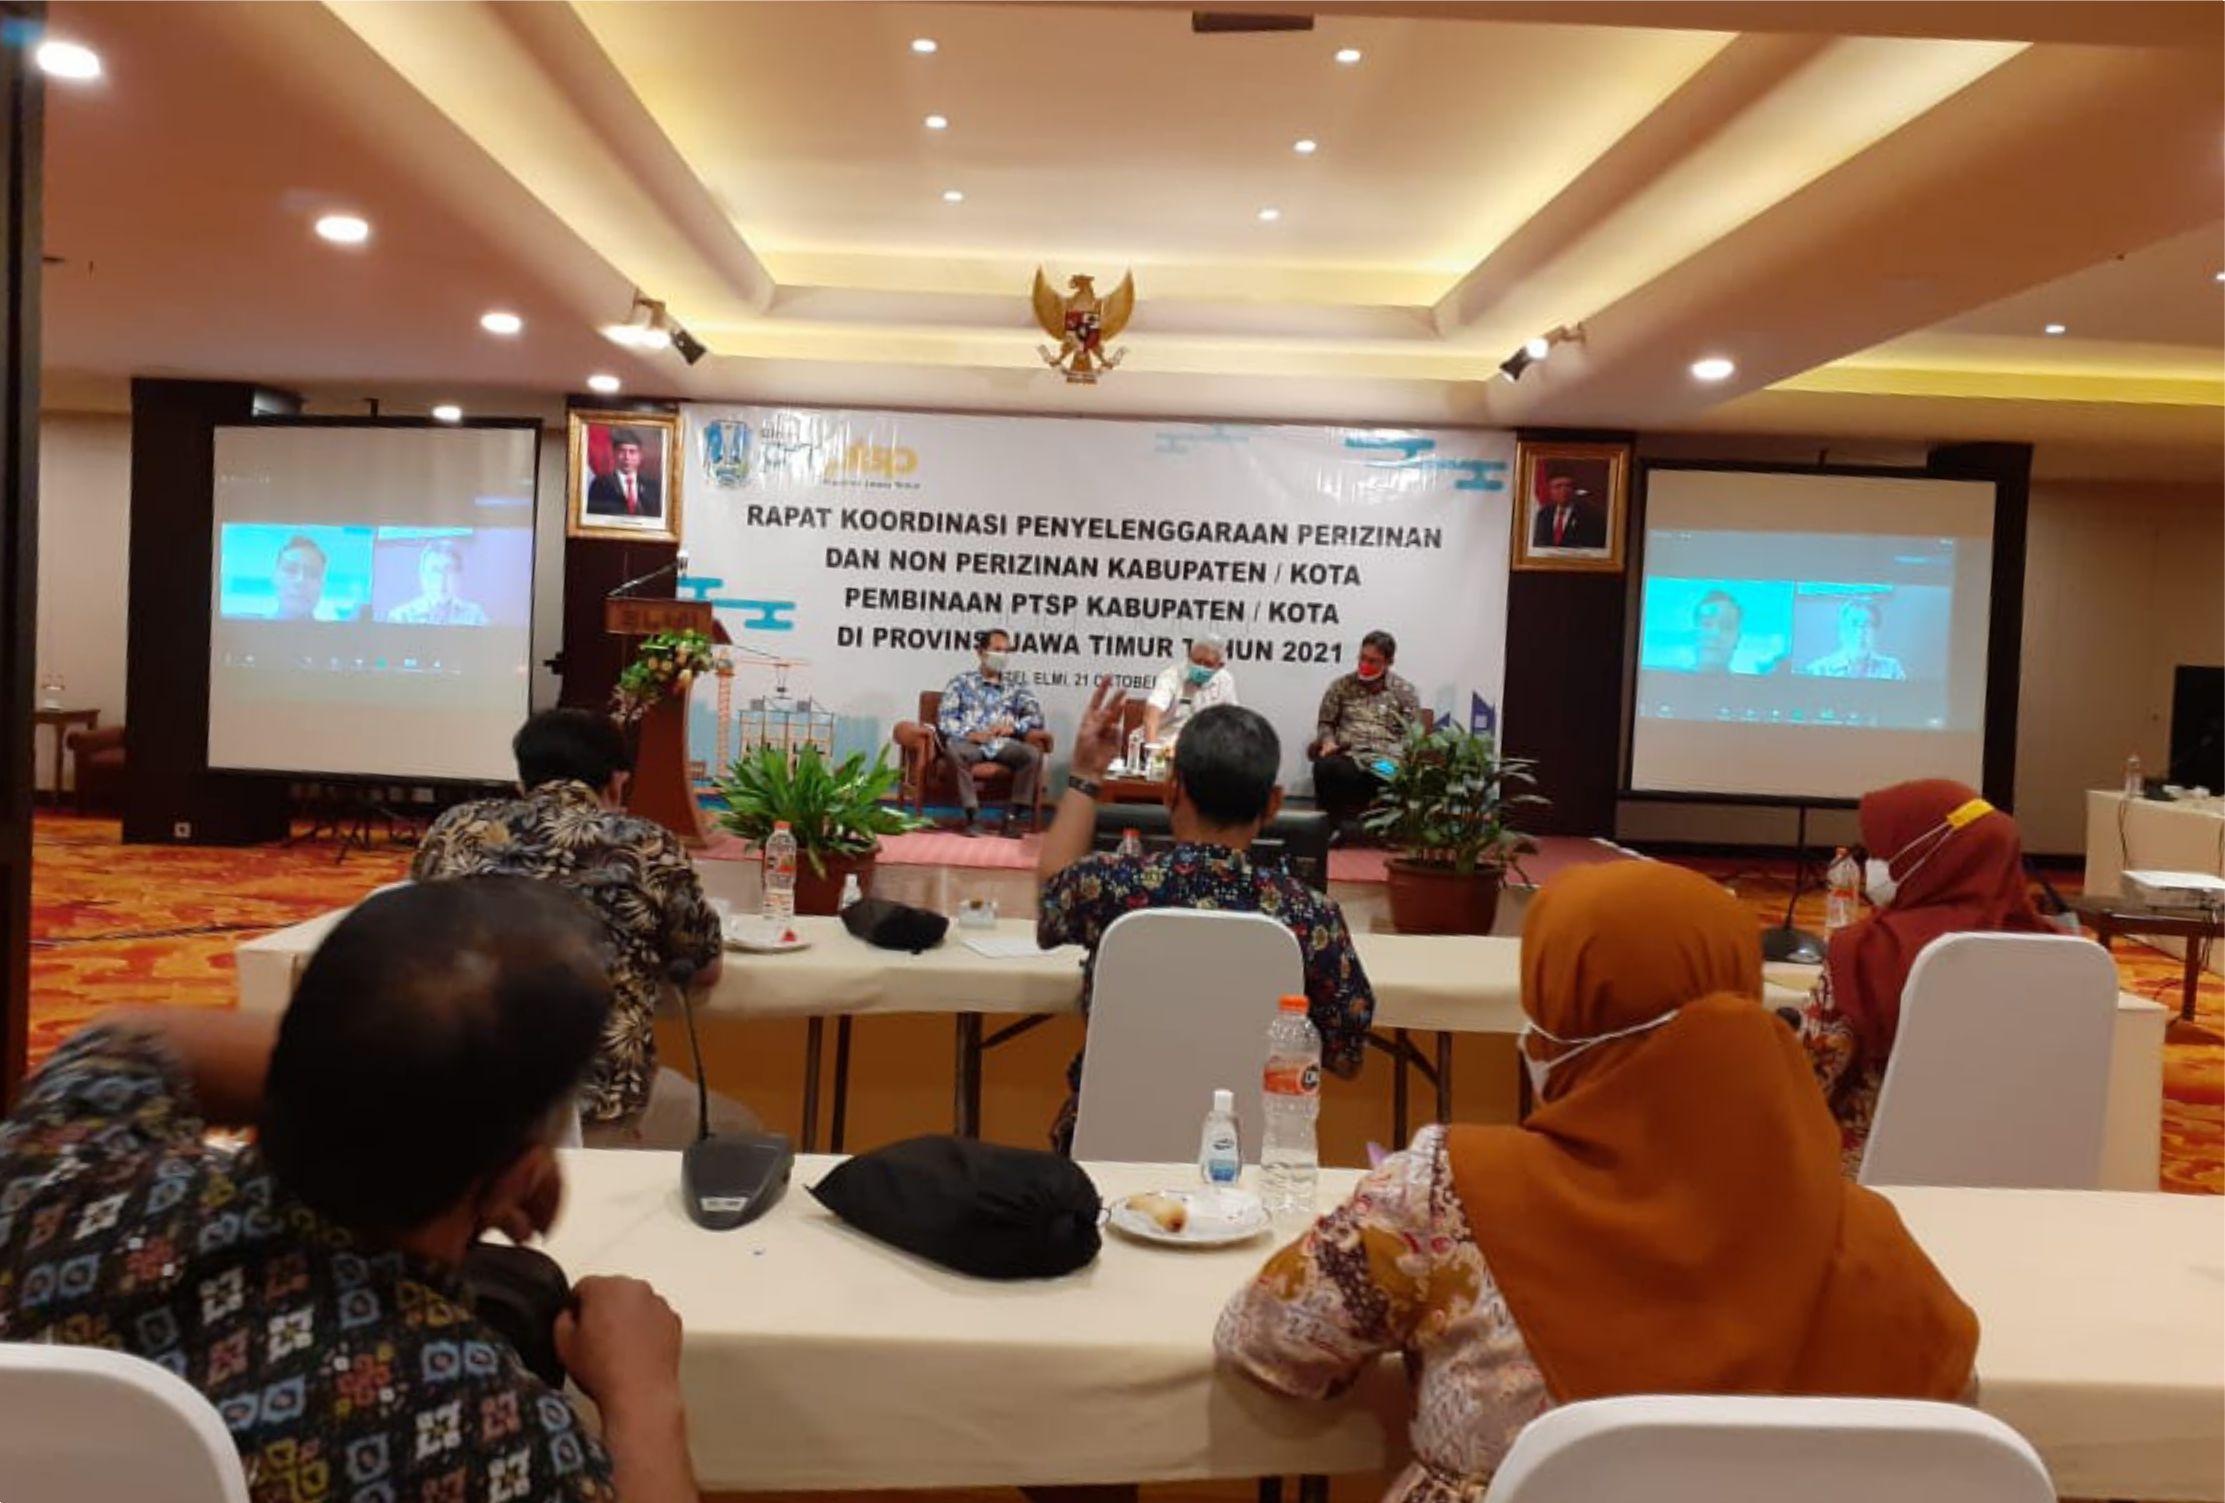 Rakor Penyelenggaraan Perizinan dan Non Perizinan Kabupaten/Kota se-Jatim